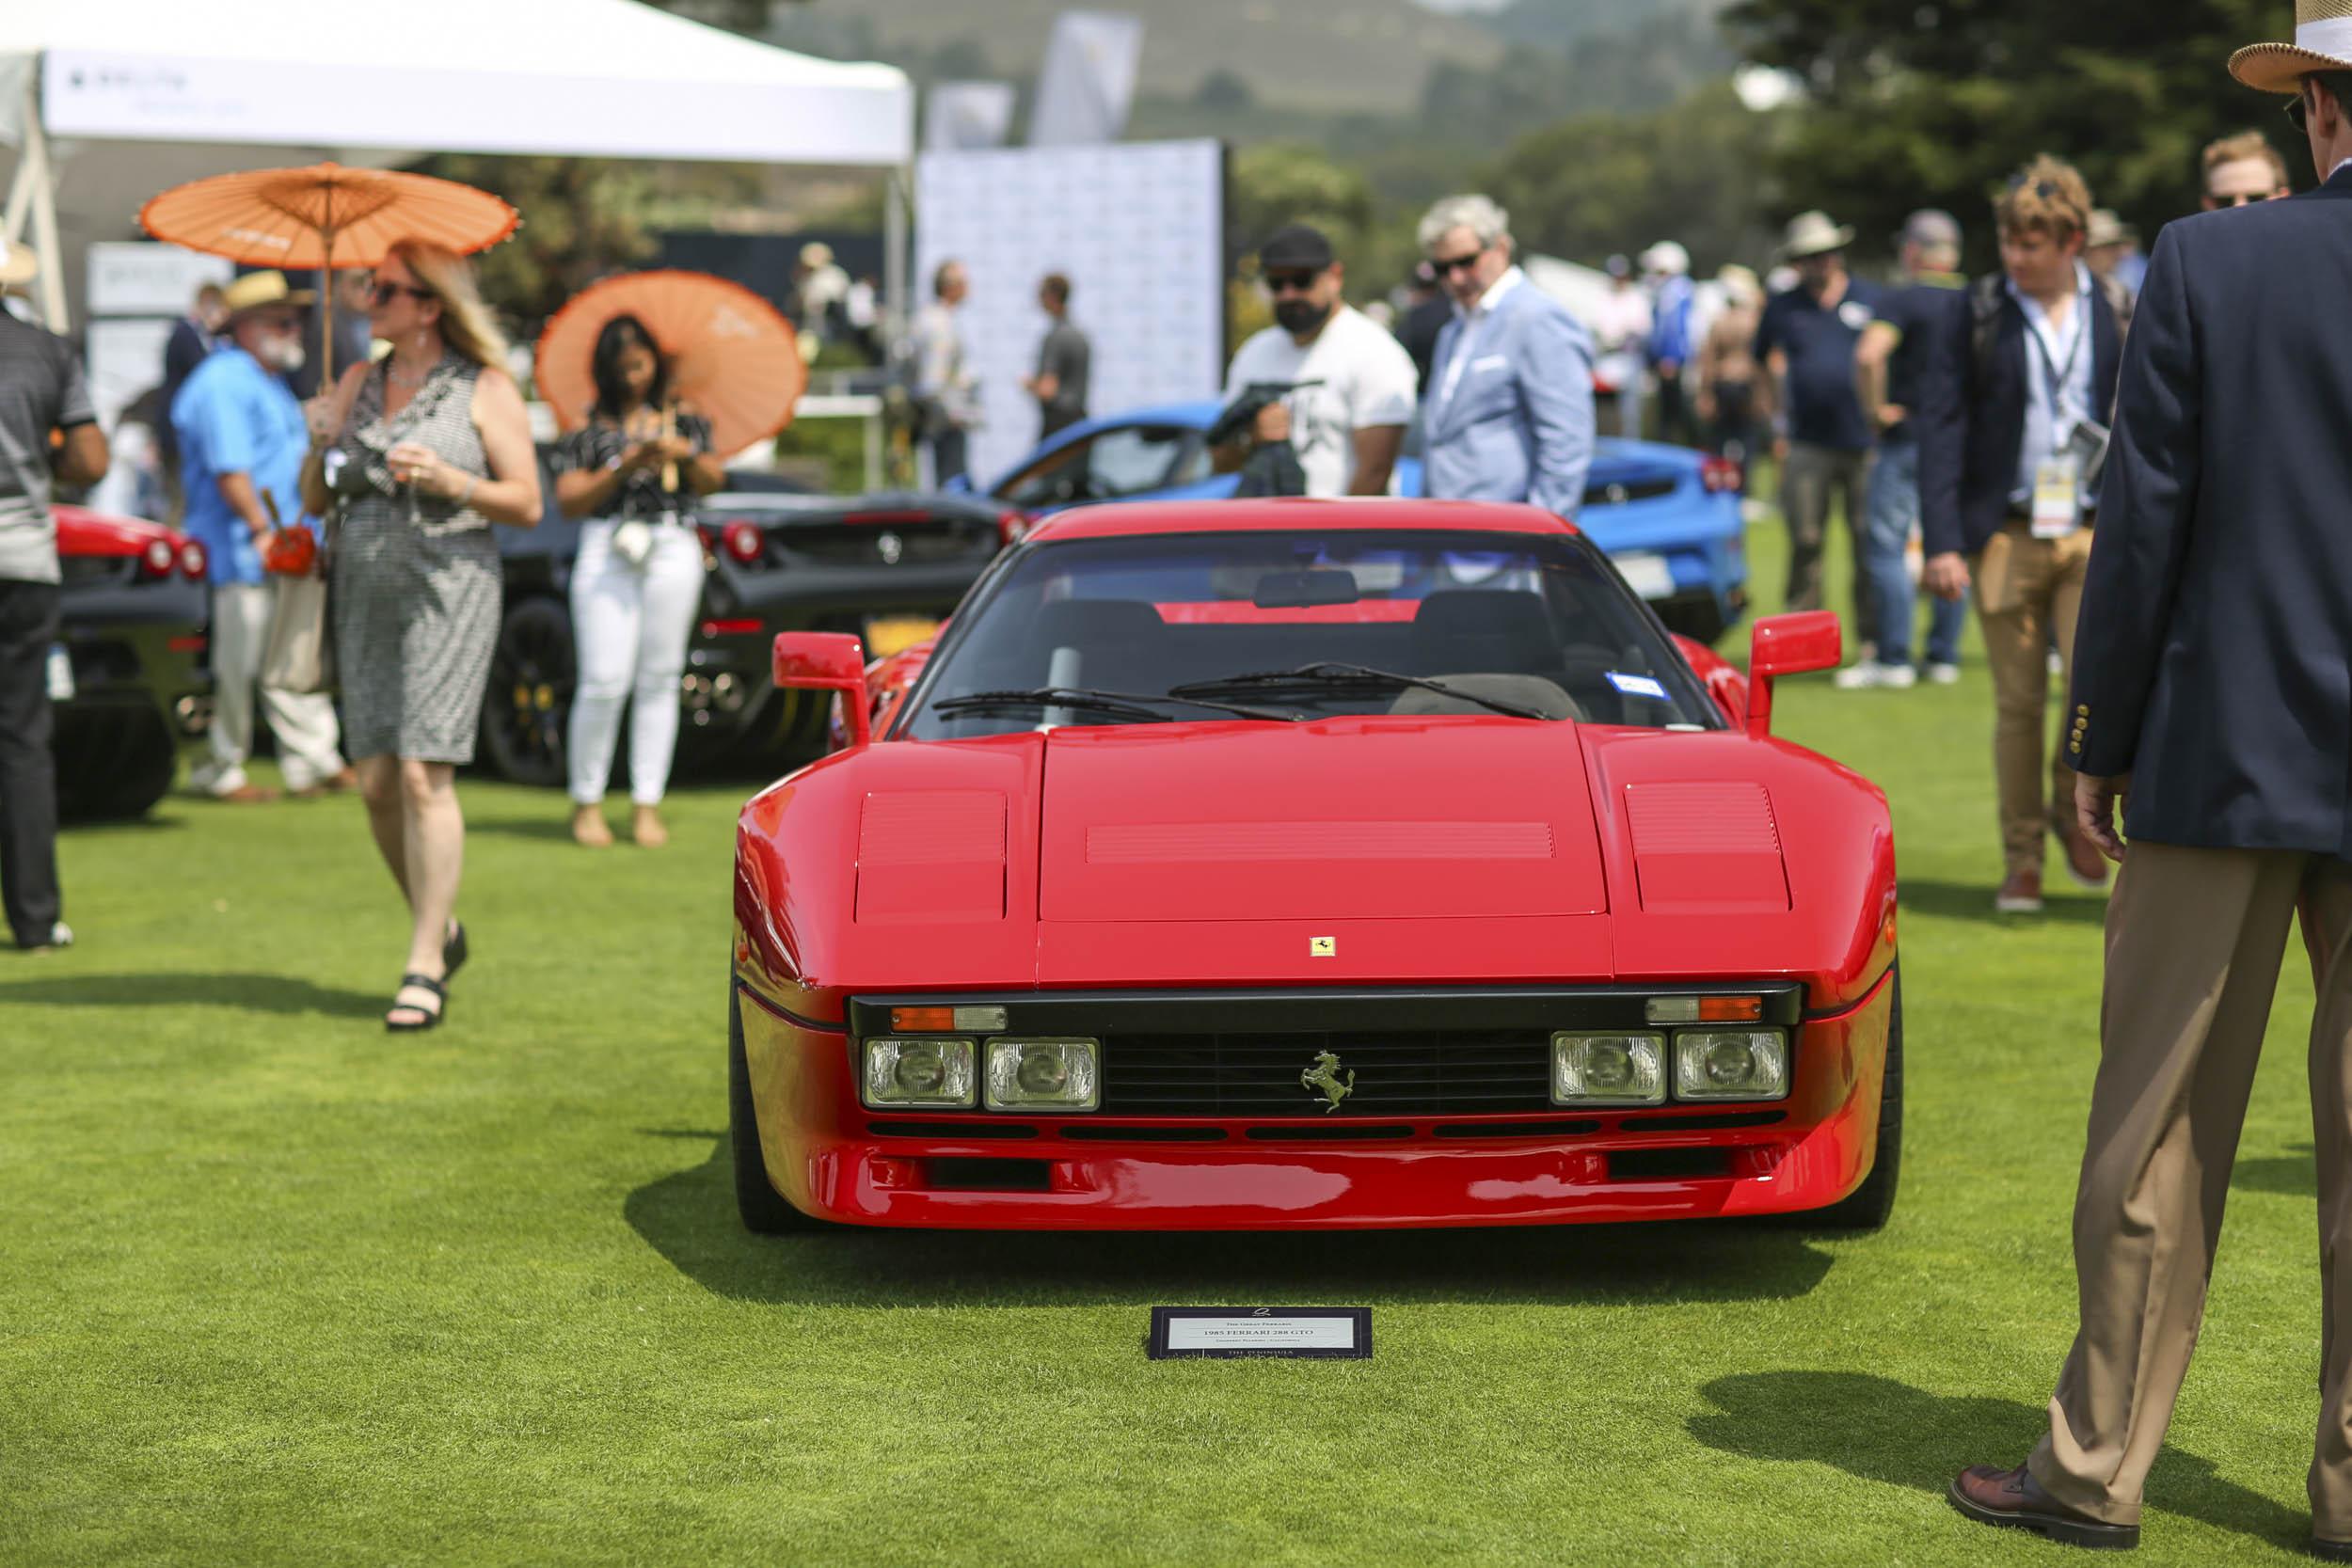 The Quail Ferrari